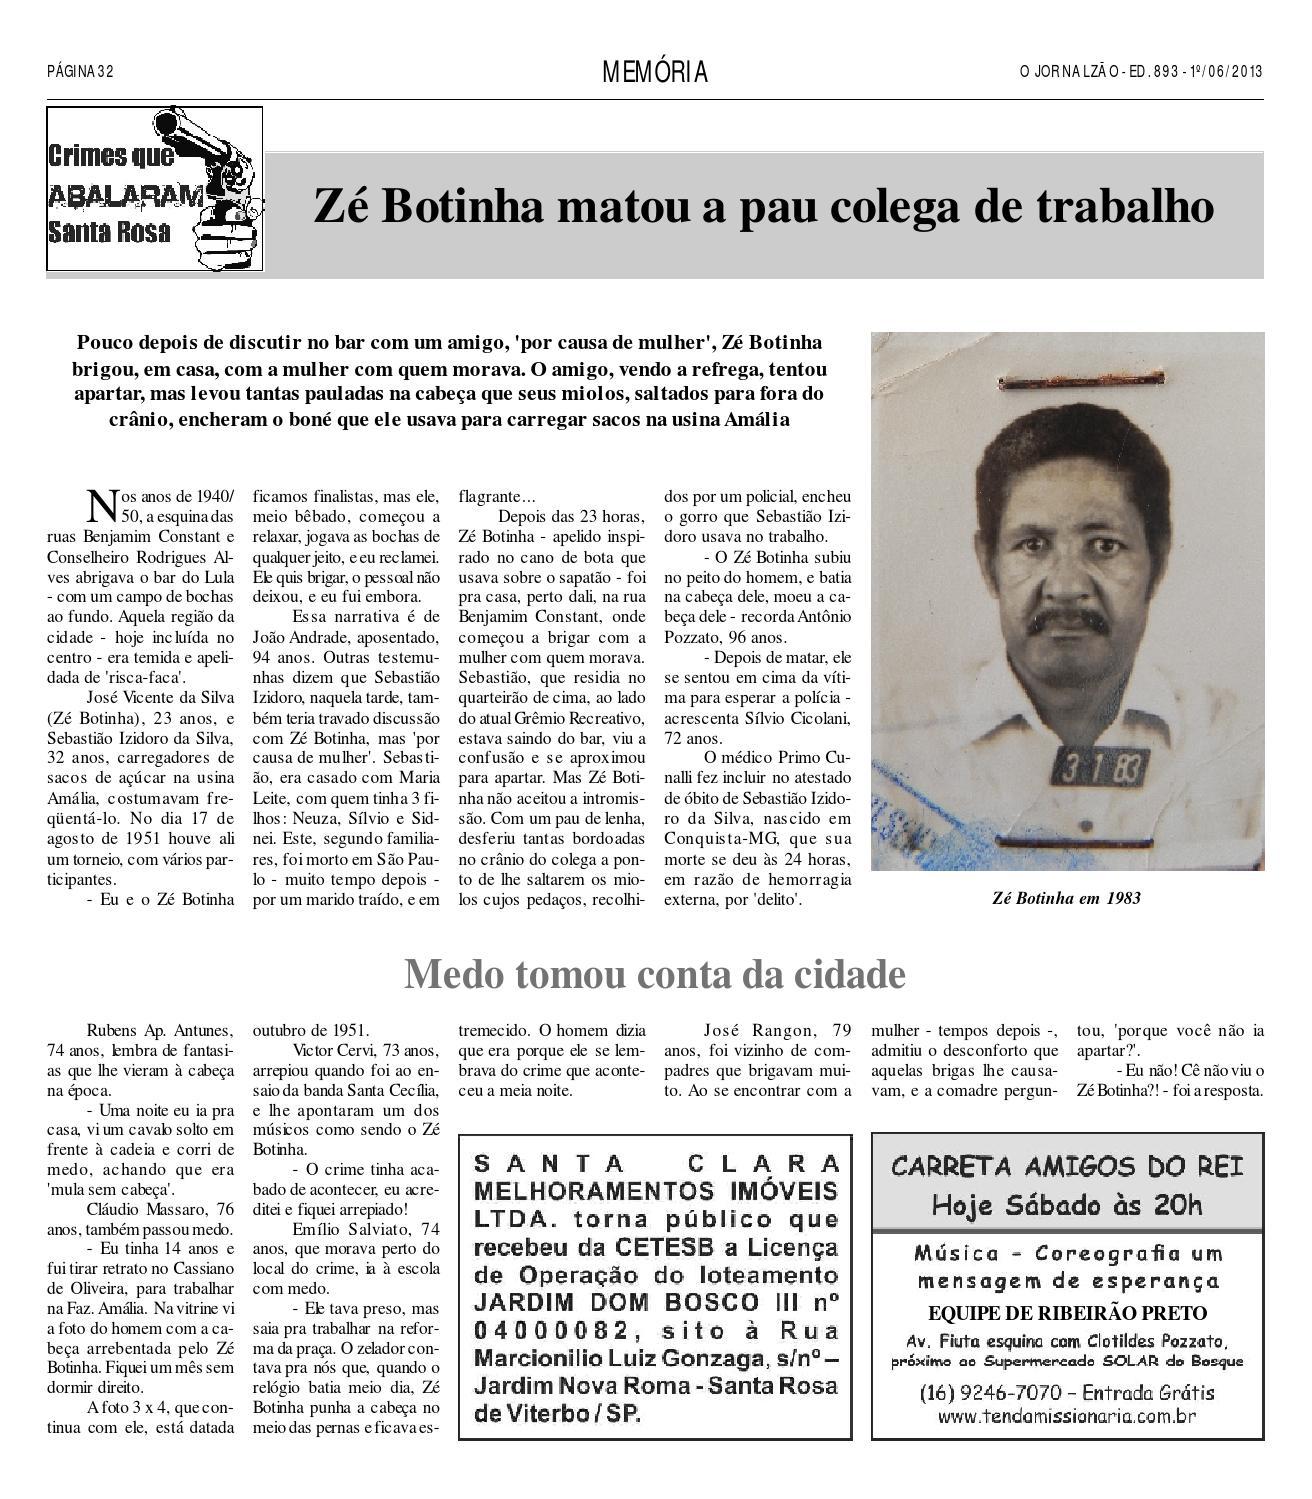 O Jornalzão, edição 893 by O Jornalzão - issuu